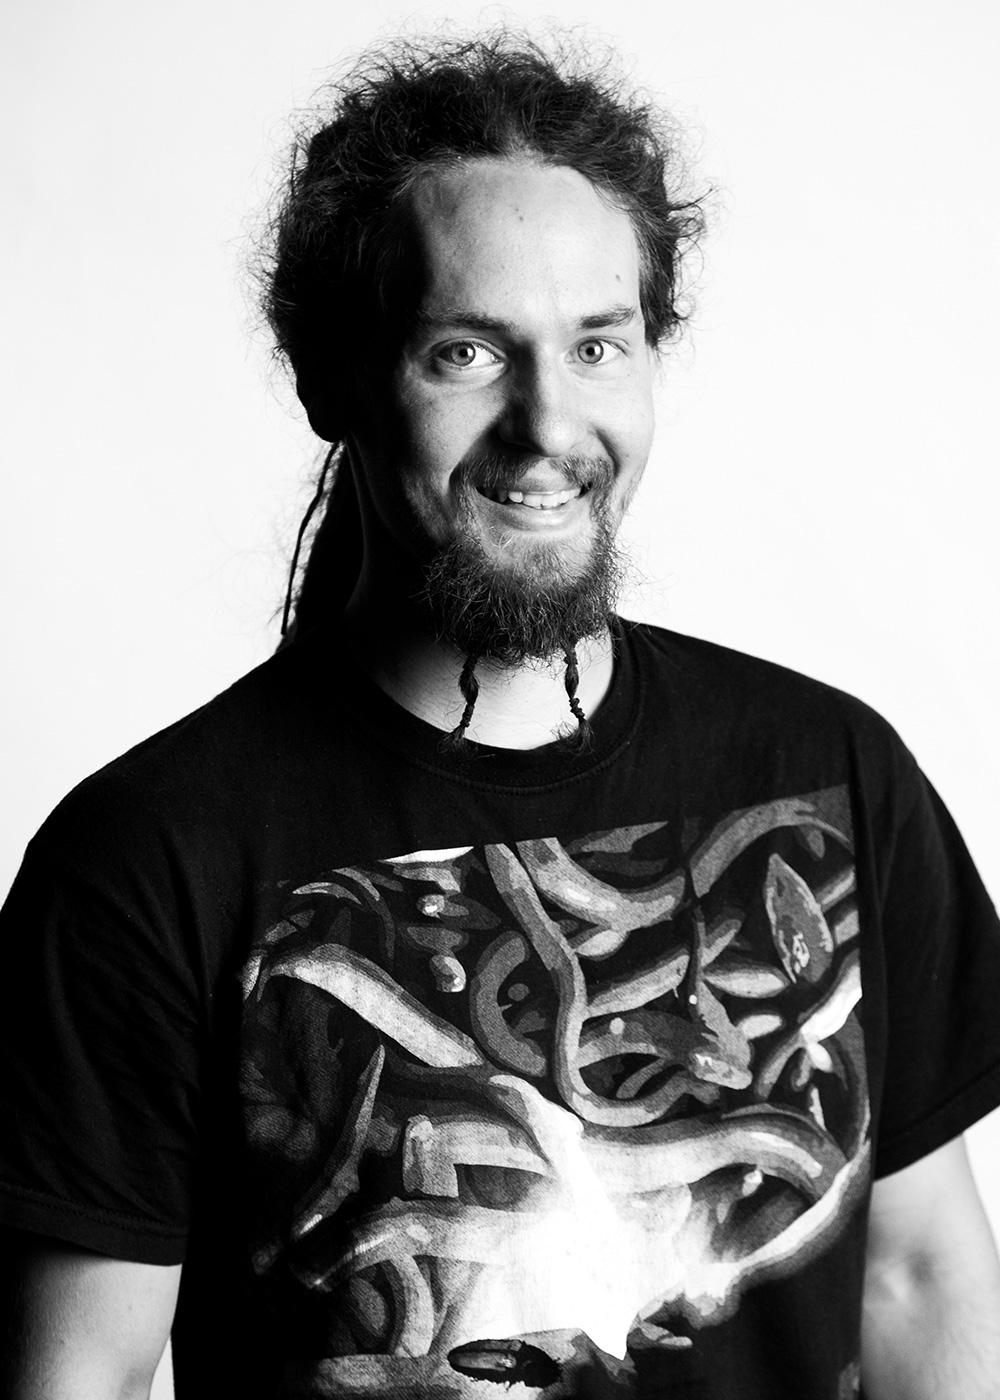 Sebastian Scharl